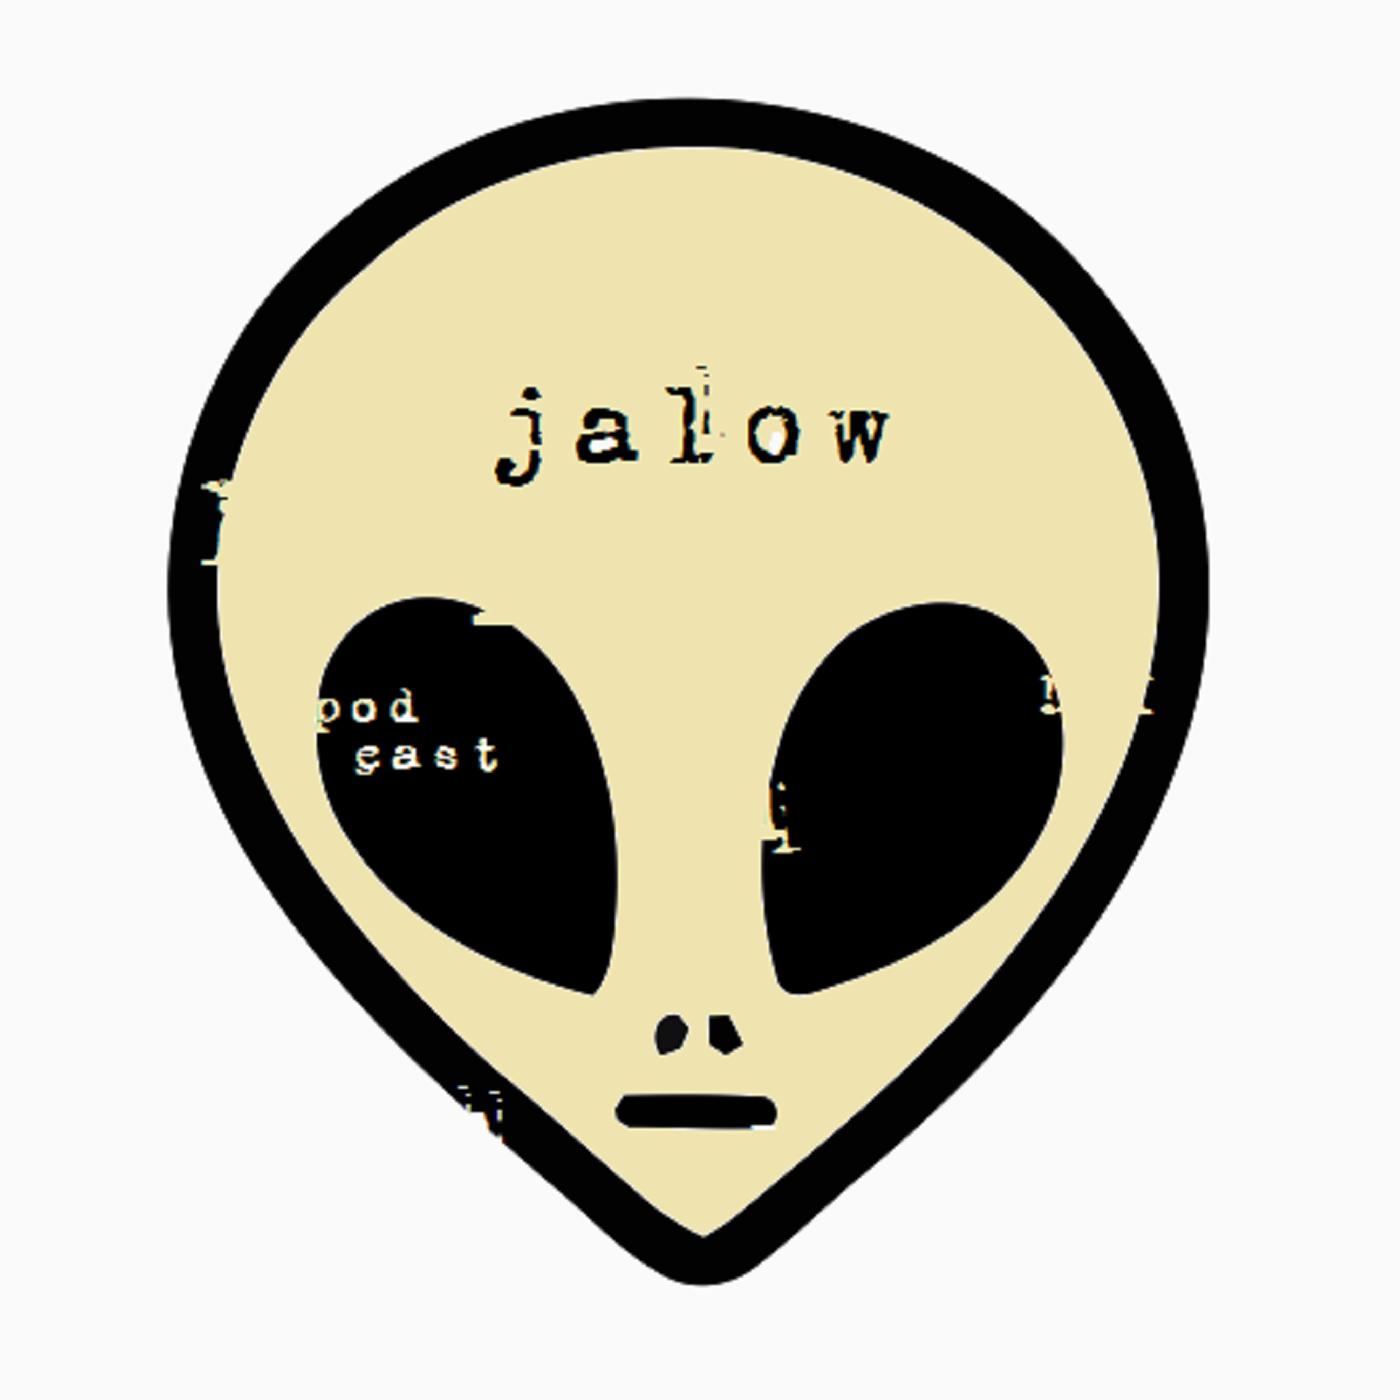 Imagem do jalow